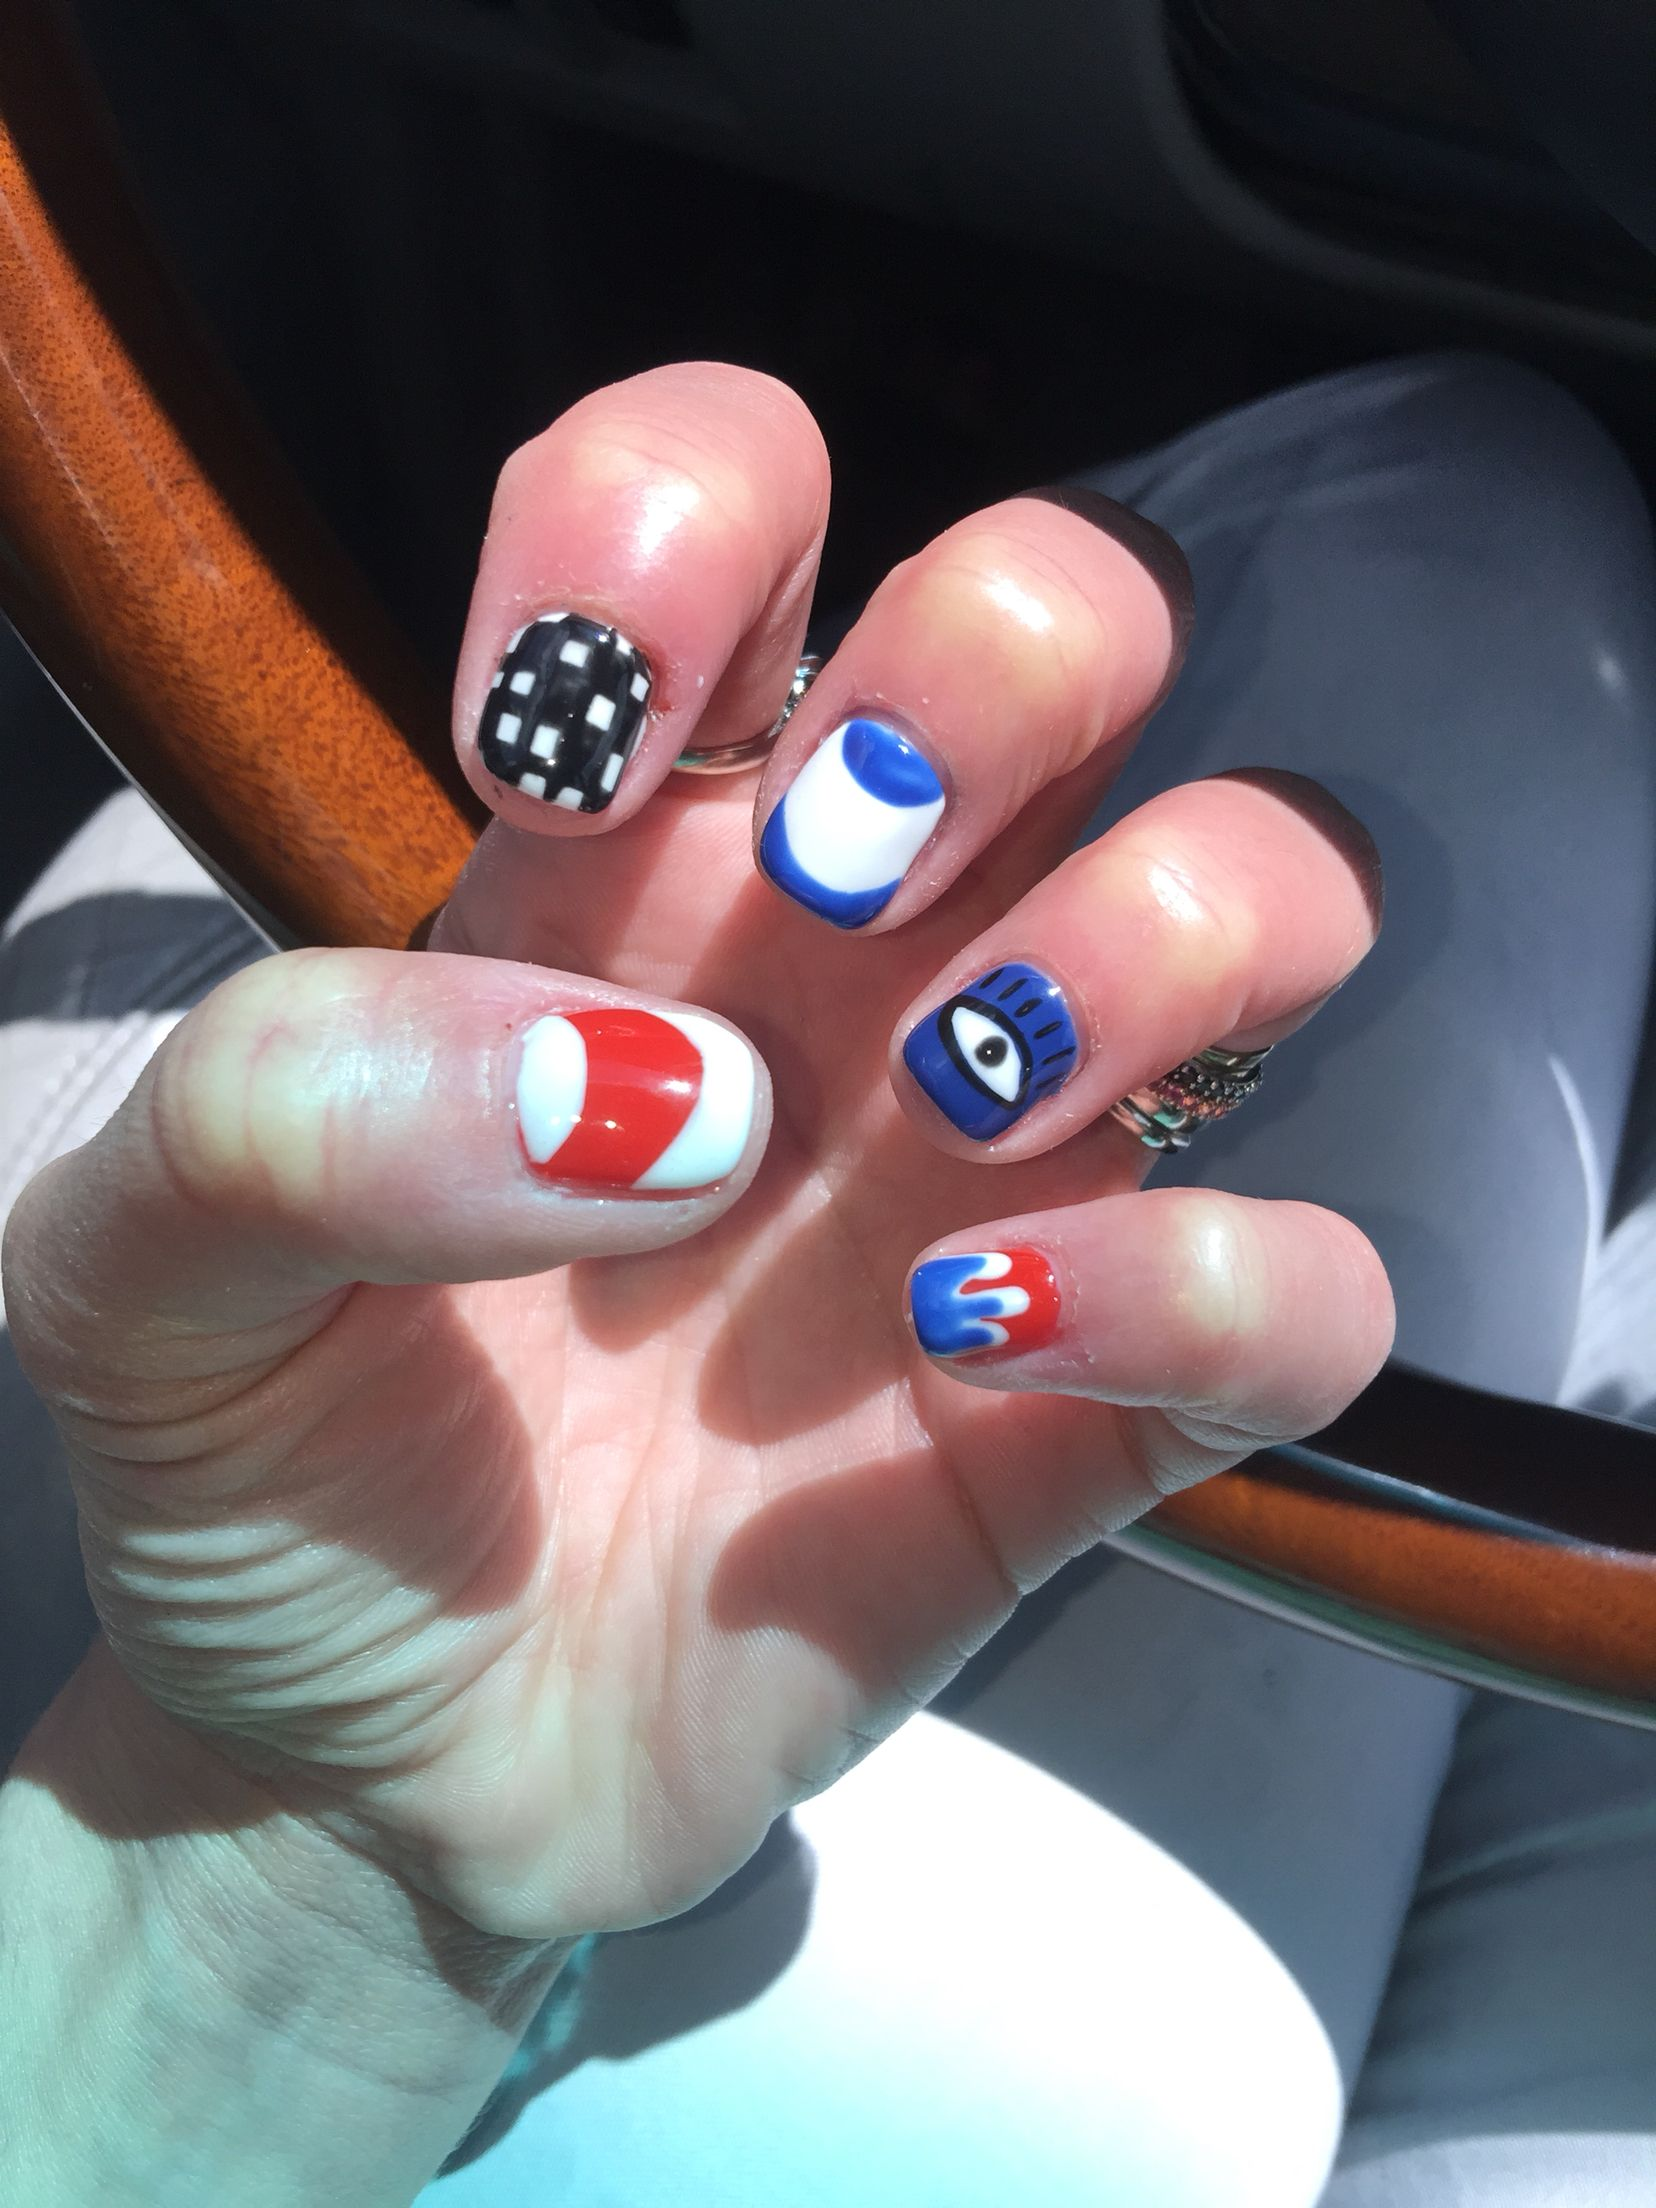 The Nail Company Indianapolis Indy 500 gel nails nail art Emma thxs ...